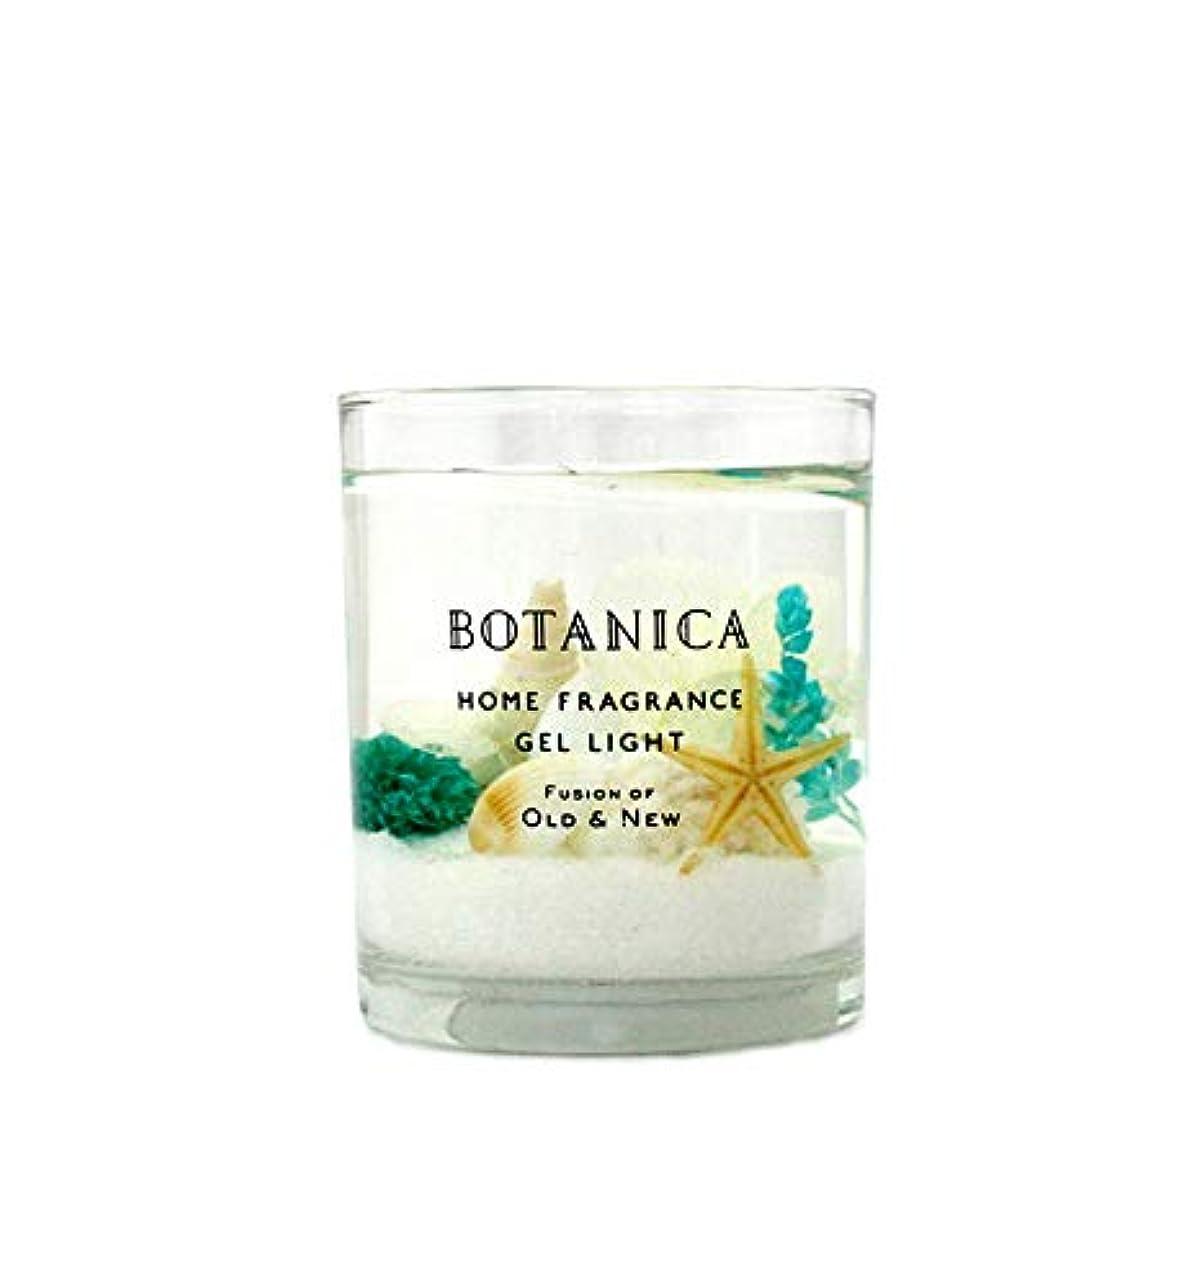 慎重居心地の良いよく話されるBOTANICA(ボタニカ) BOTANICA ハーバリウムジェルライト クラリティーシェル Herbarium Gel Light Clarity Shell ボタニカ H75×Φ60mm/90g